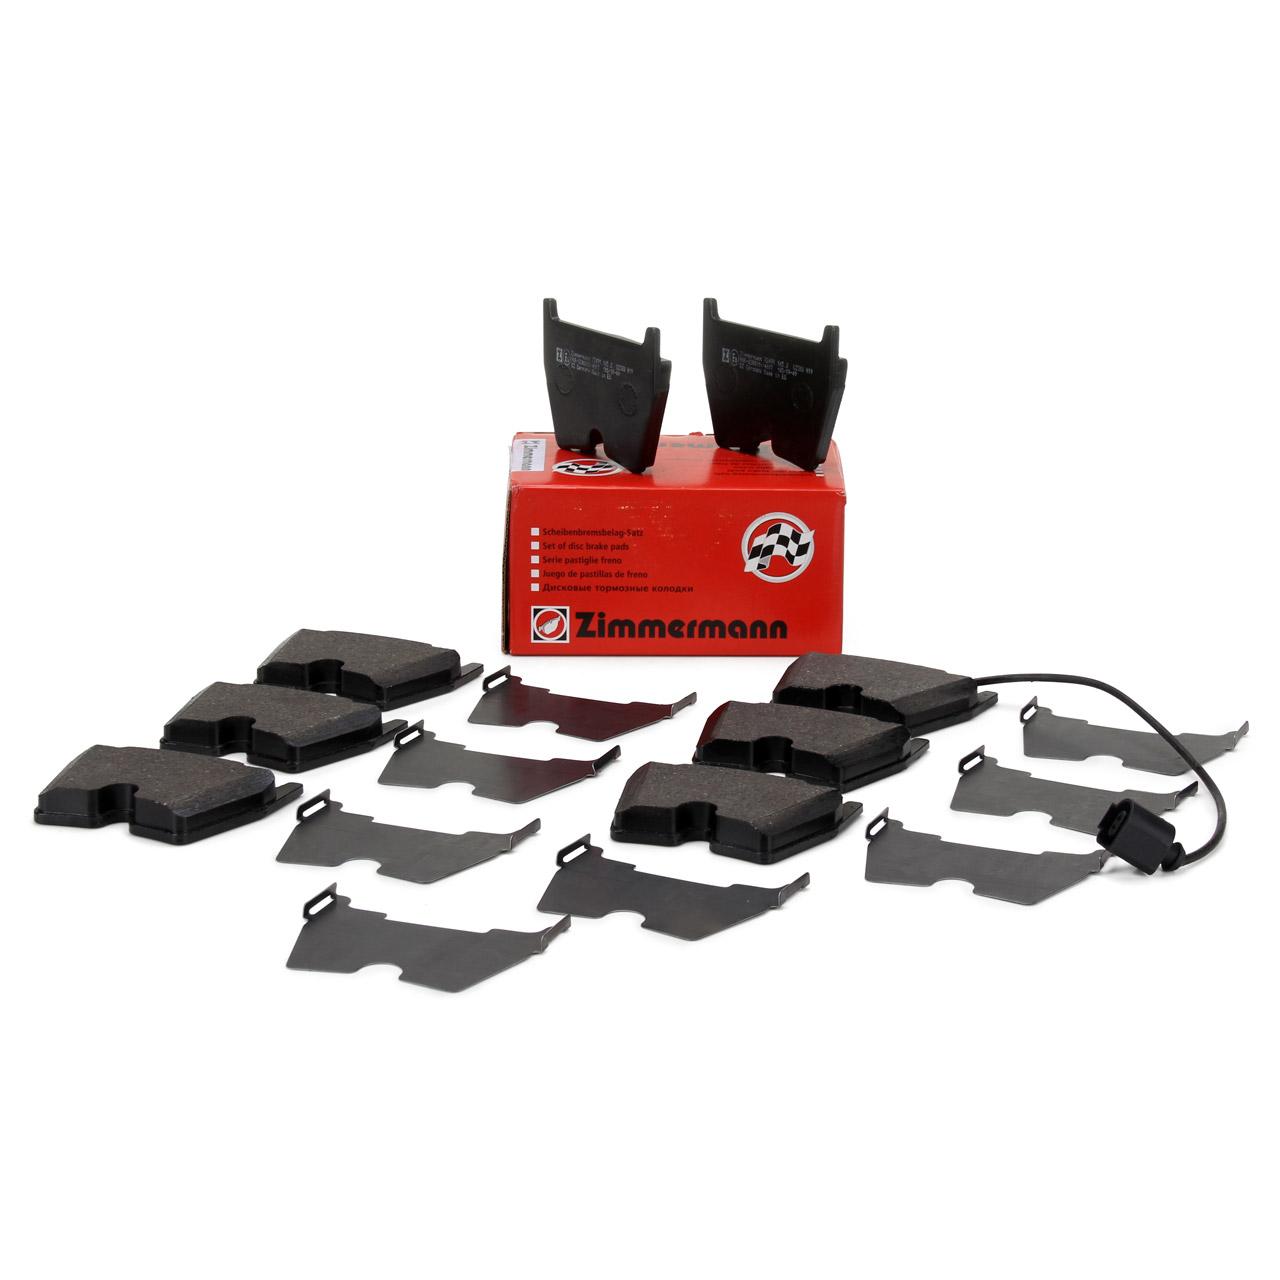 ZIMMERMANN Bremsbeläge + Warnkontakt AUDI RS3 (8V) RSQ3 (8U) TTRS (FV) vorne